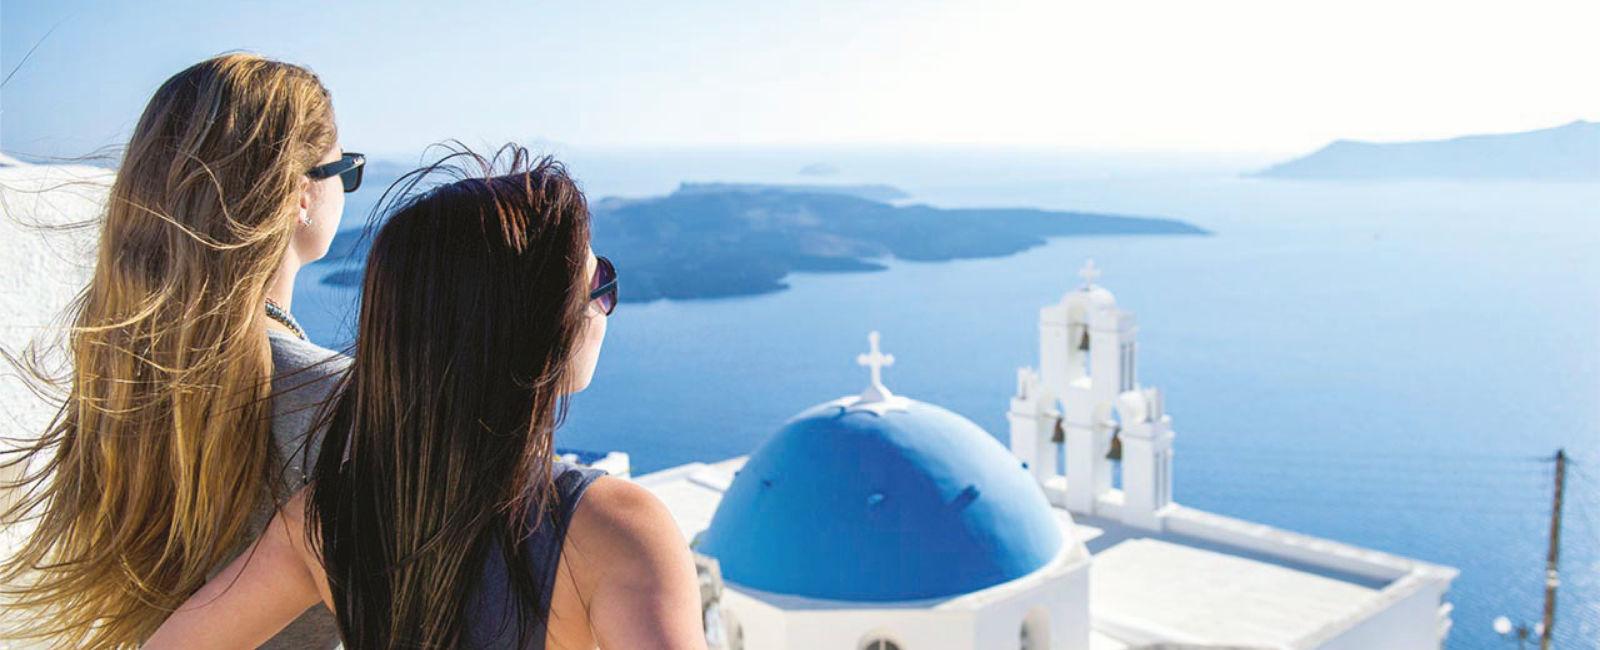 Πόσα άφησαν οι τουρίστες στην Ελλάδα το 2018